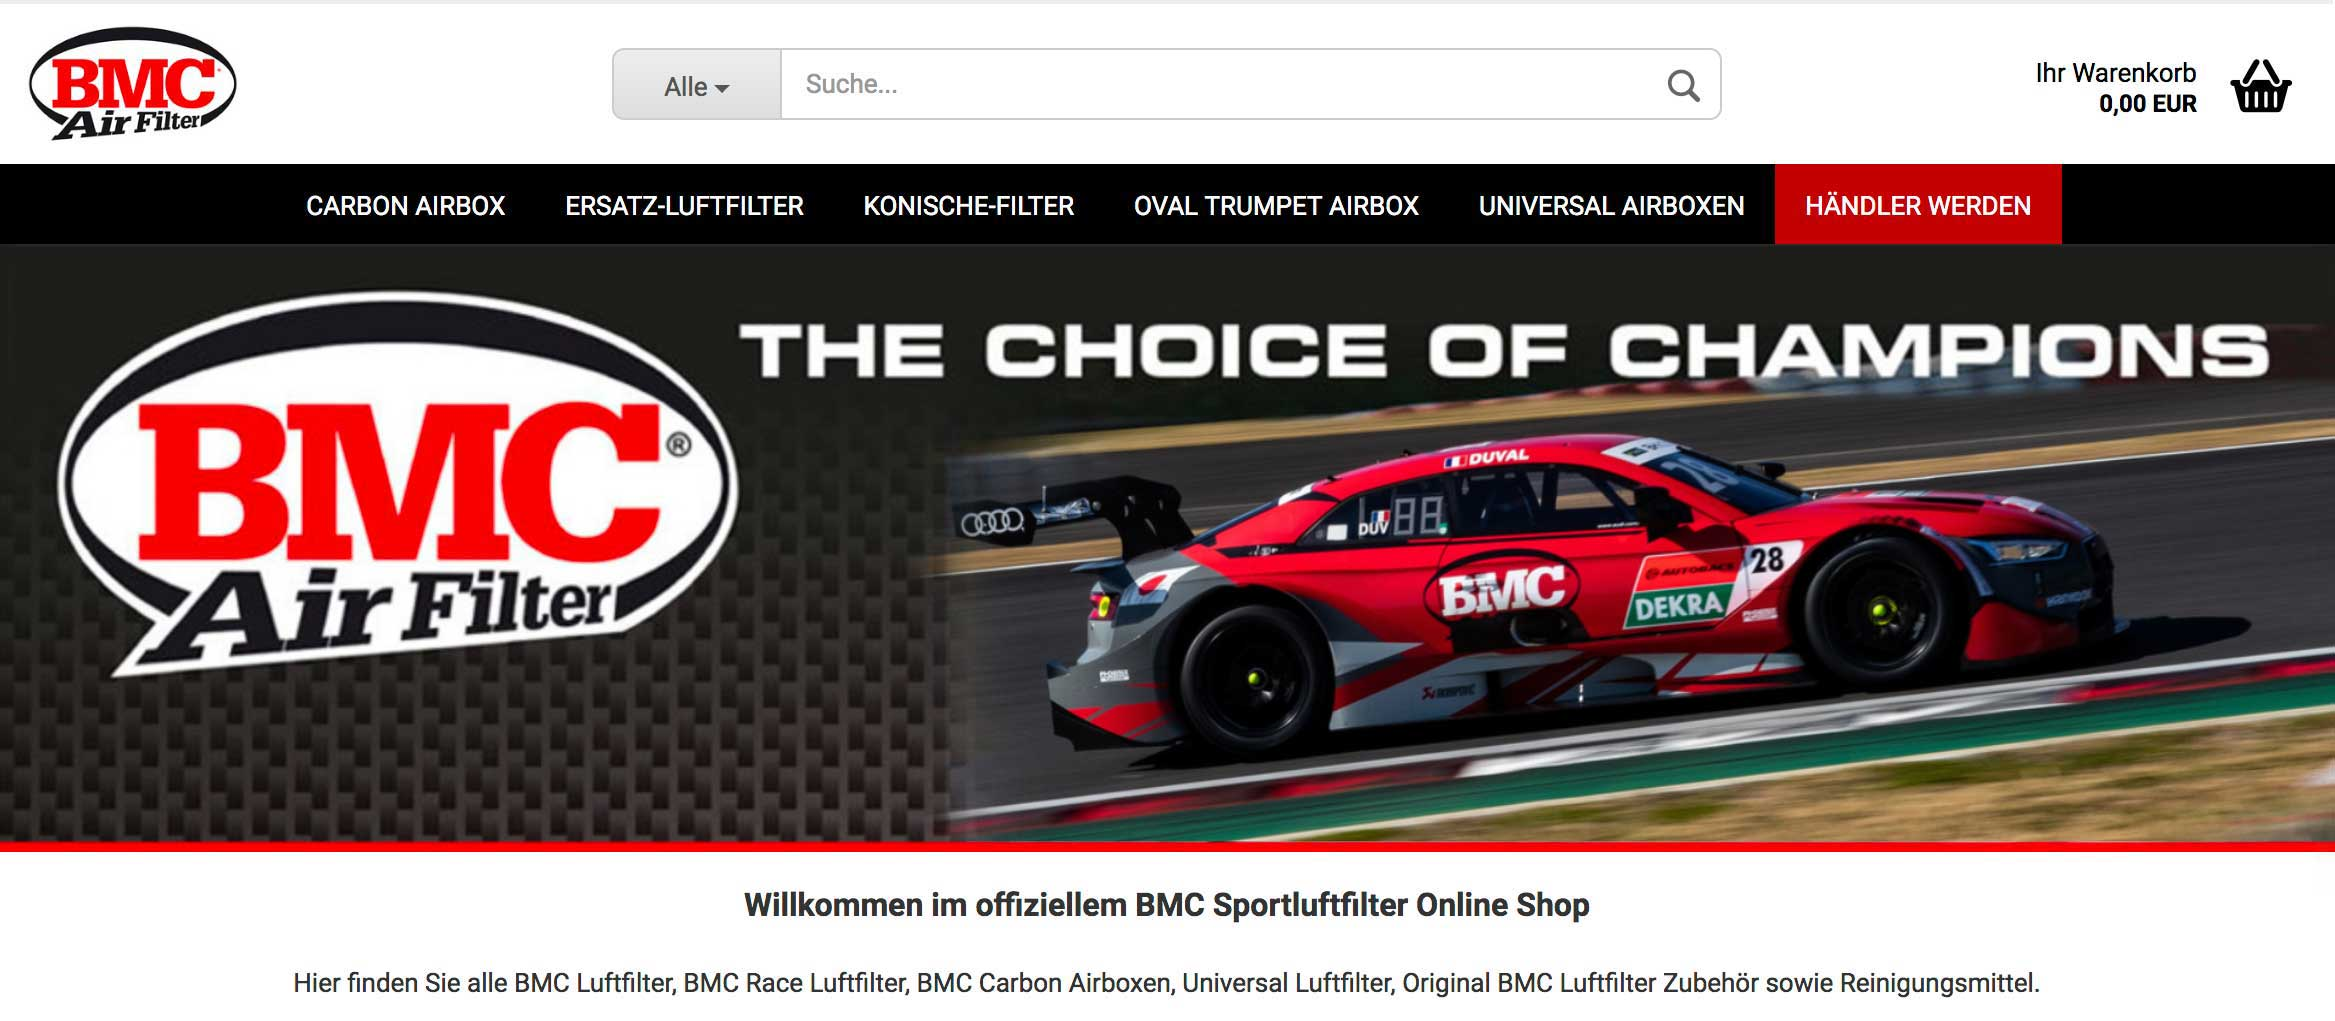 BMC-Startseite-3